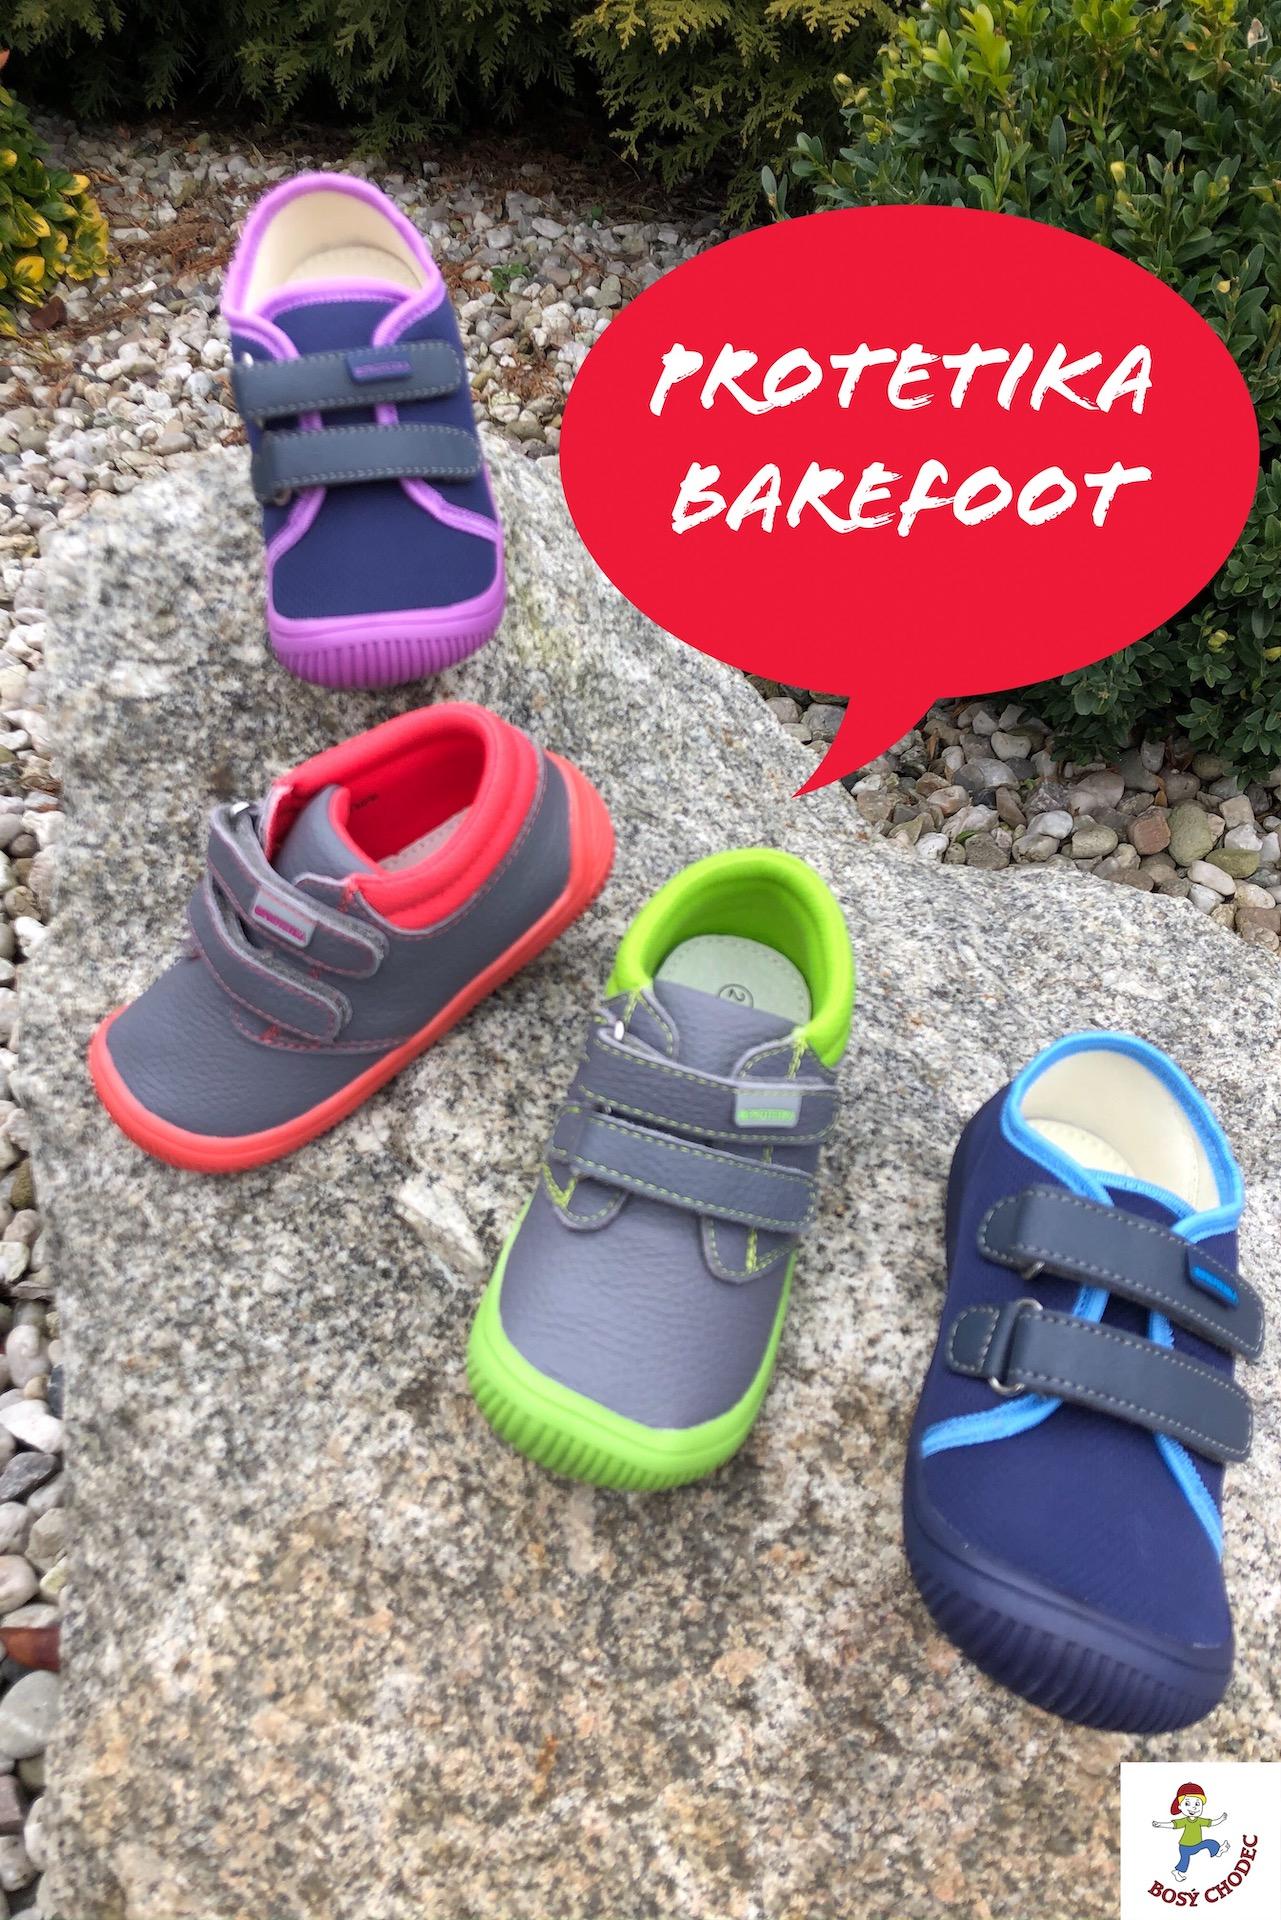 Dětské barefoot boty Protetika celoroční